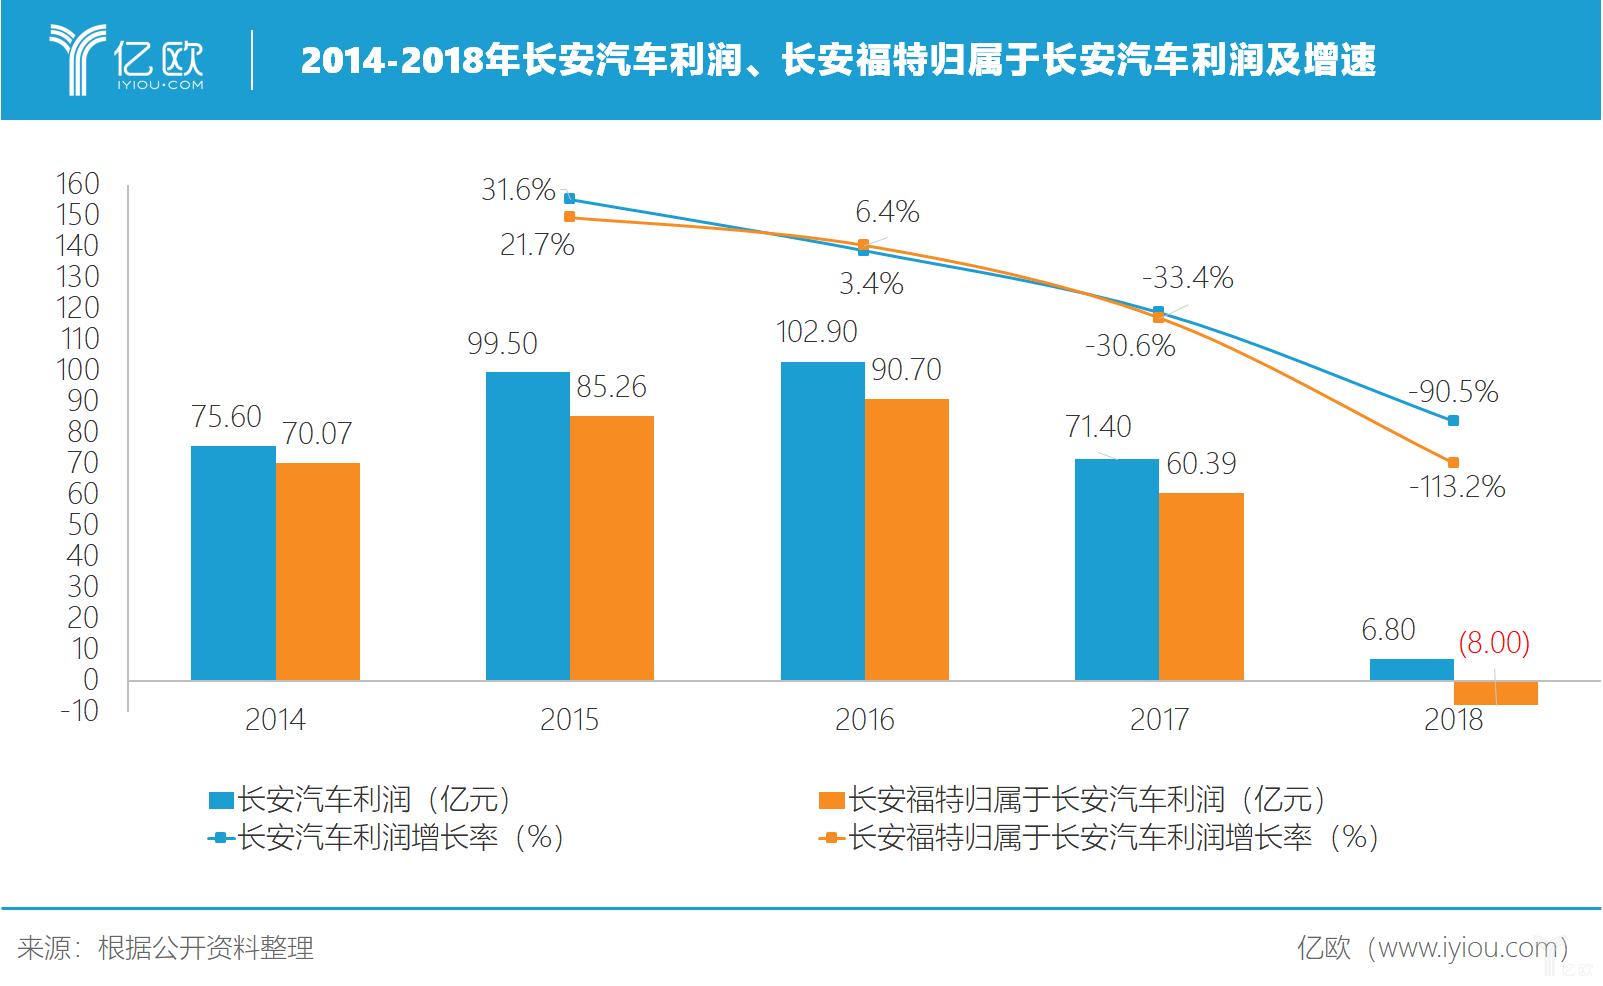 2014-2018年长安汽车利润及长安福特归属于长安汽车的利润及增速